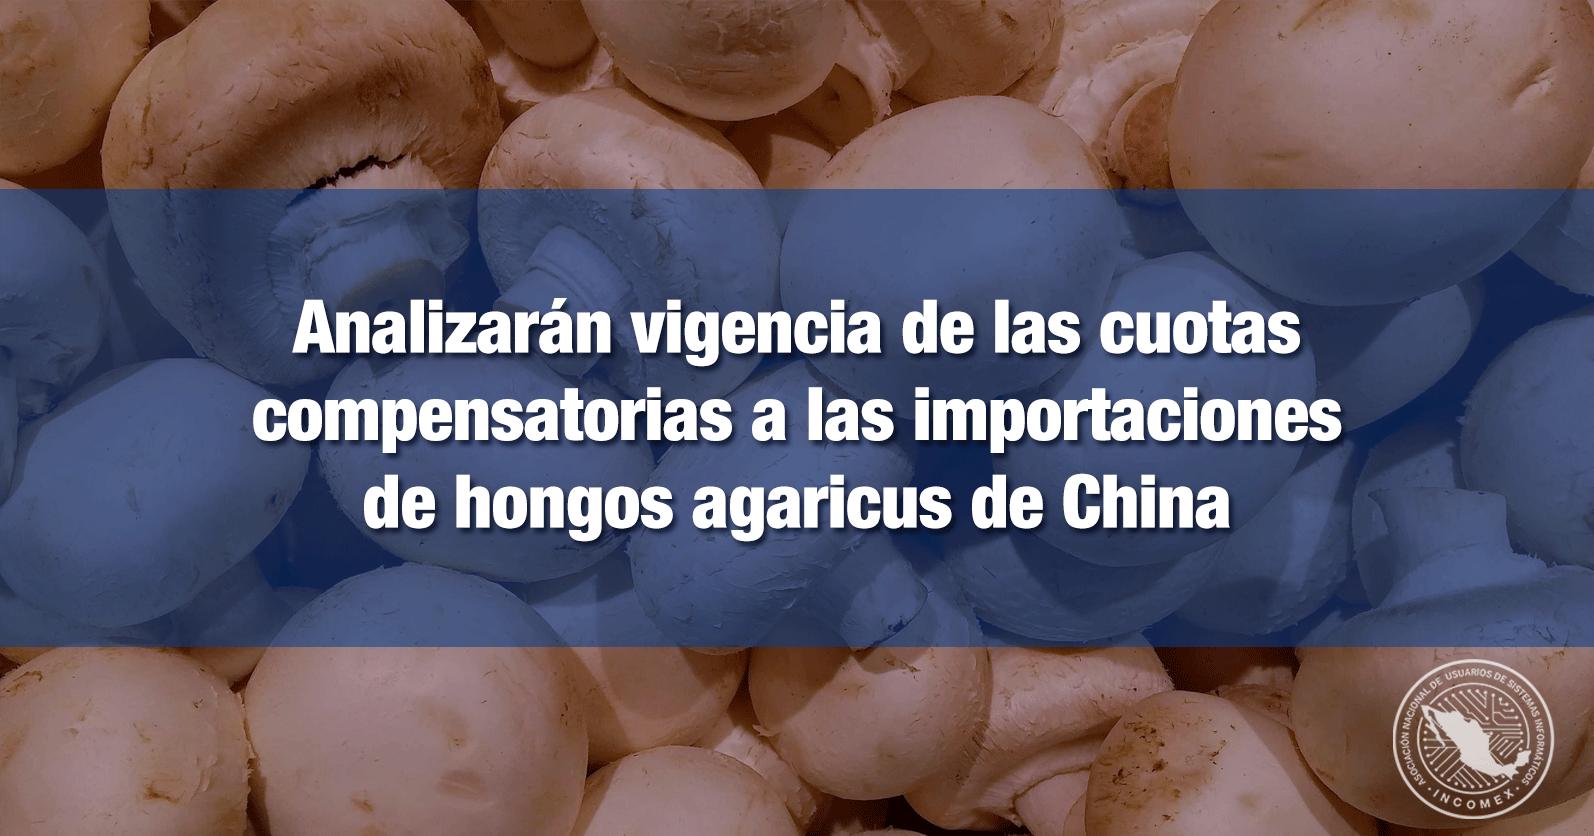 Analizarán vigencia de las cuotas compensatorias a las importaciones de hongos agaricus de China